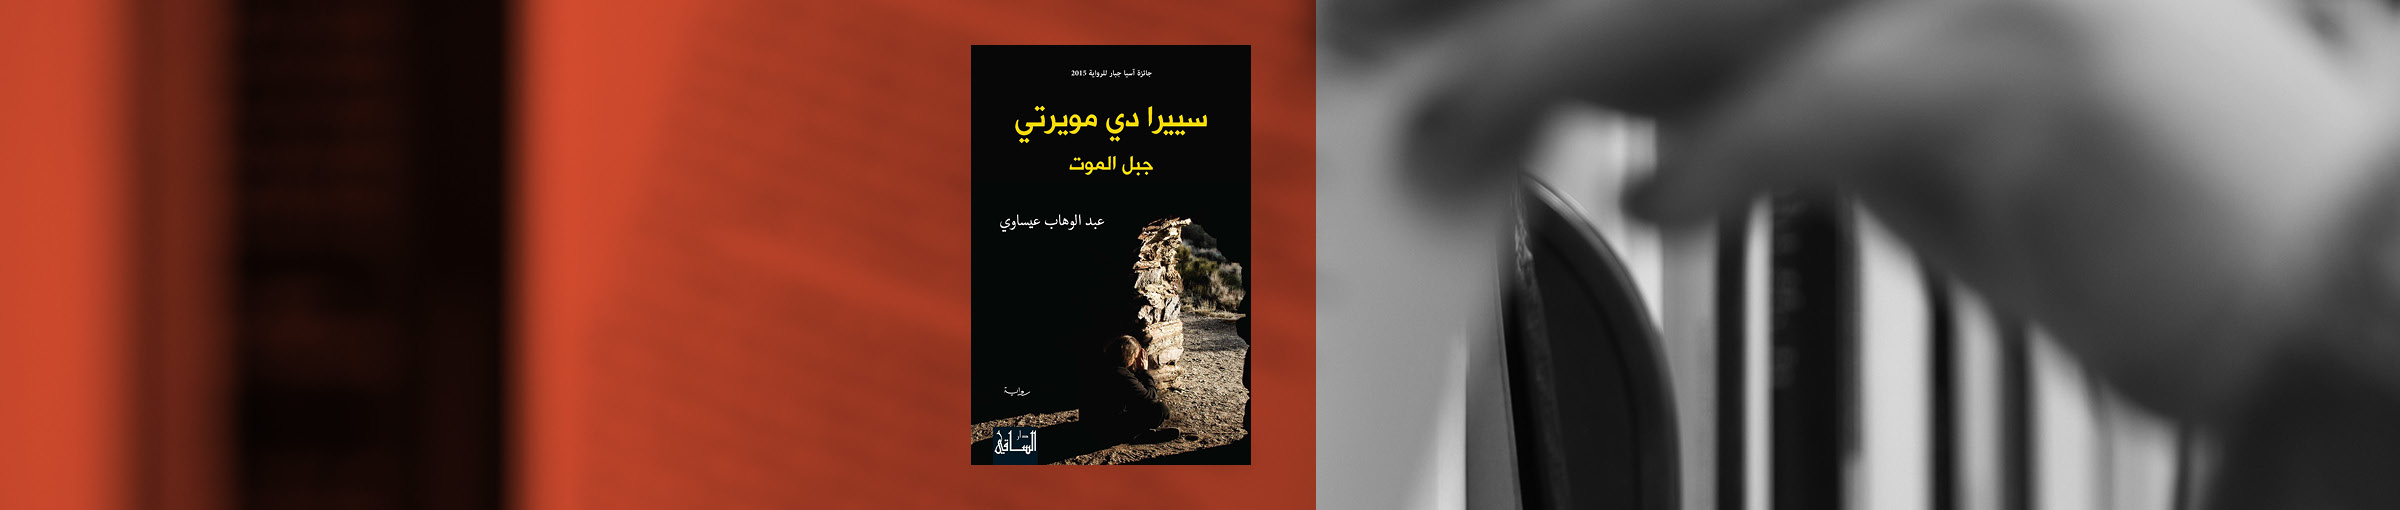 """رواية """"سييرا دي مويرتي، جبل الموت"""": خيبات ذاكرة المنفى"""